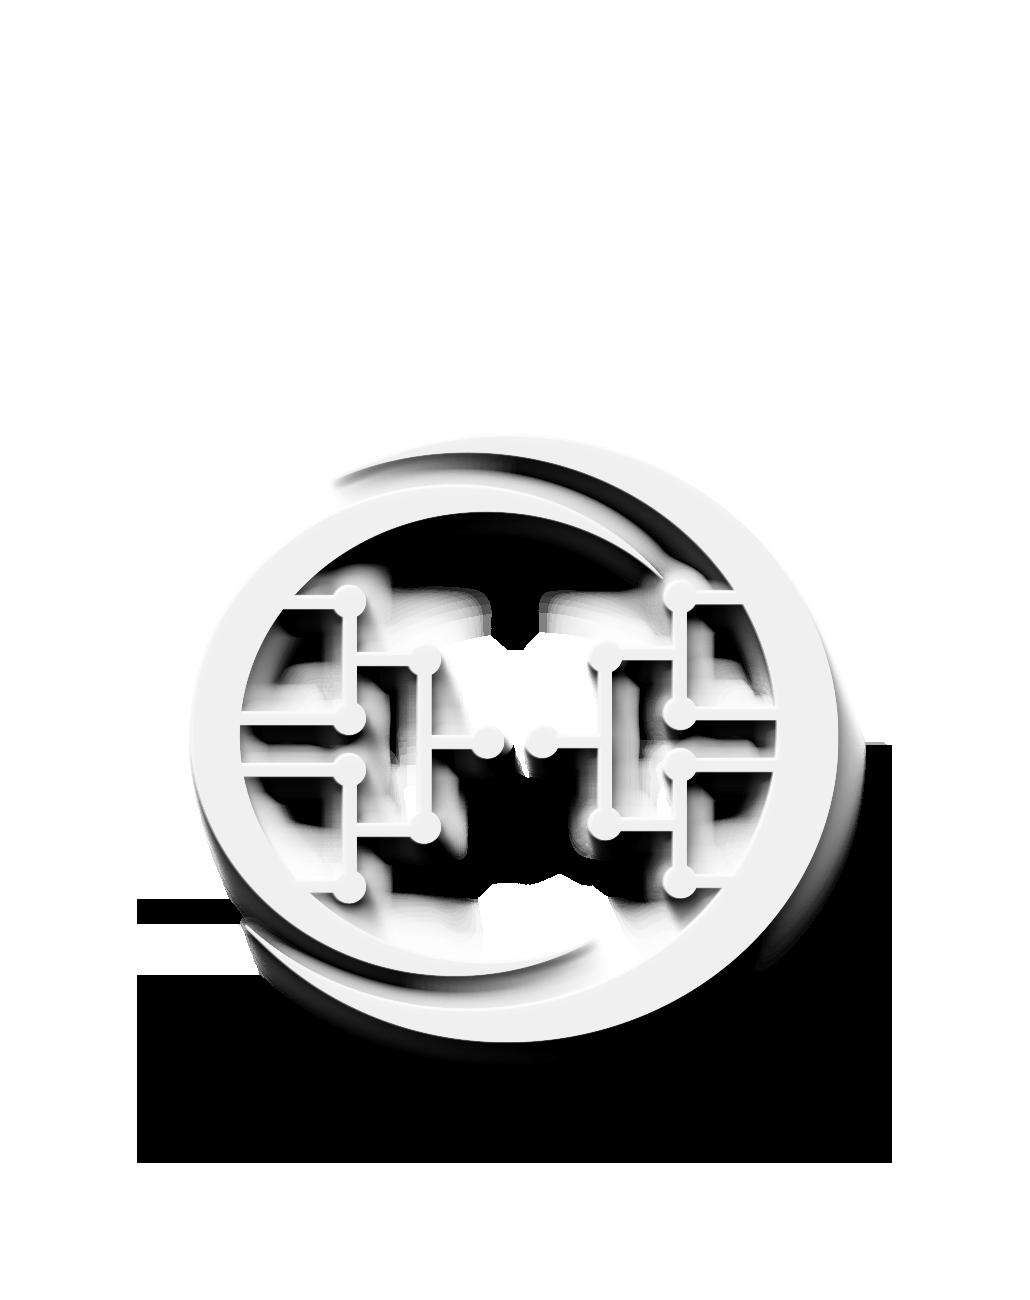 bdc-icon